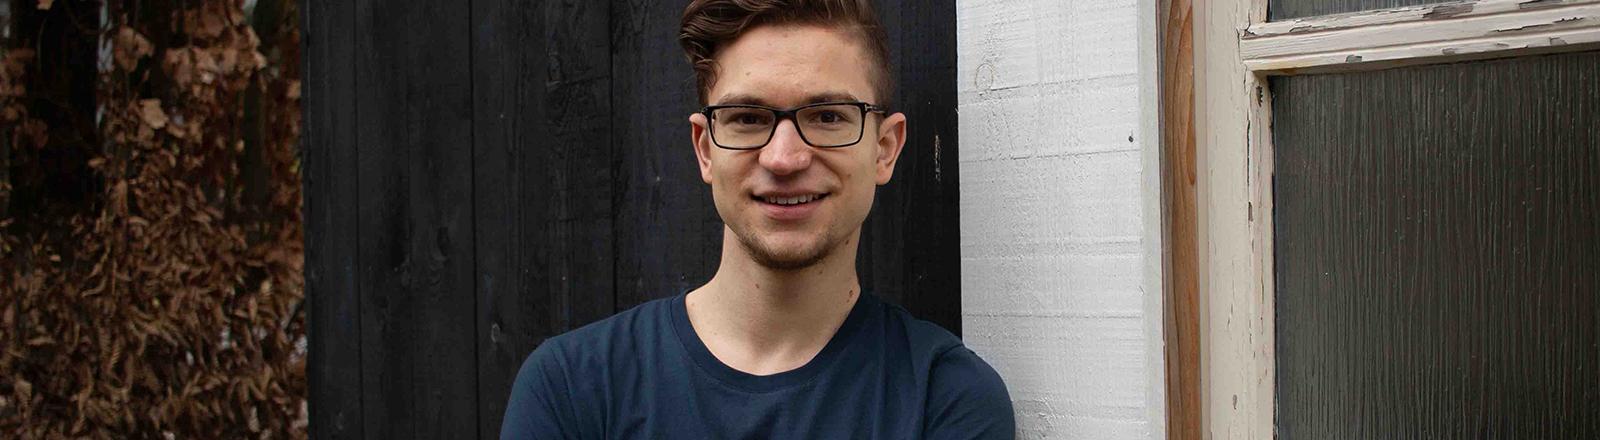 Ein Mann schaut in Kamera, er trägt ein T-Shirt und eine Brille.